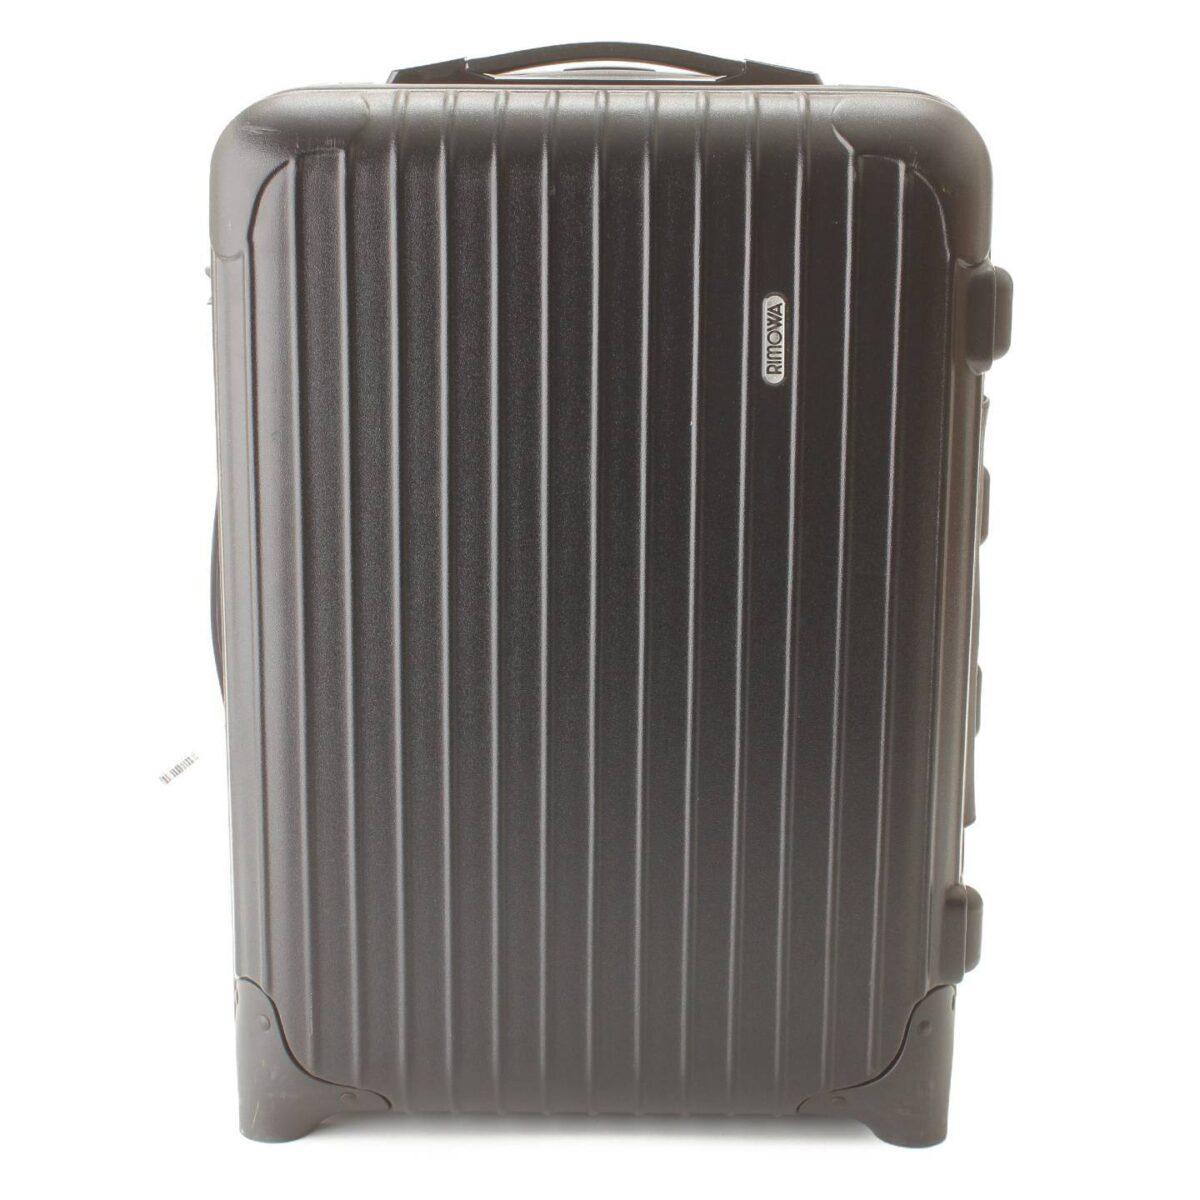 リモワ サルサ デラックス 2輪 スーツケース キャリーケース ブラック